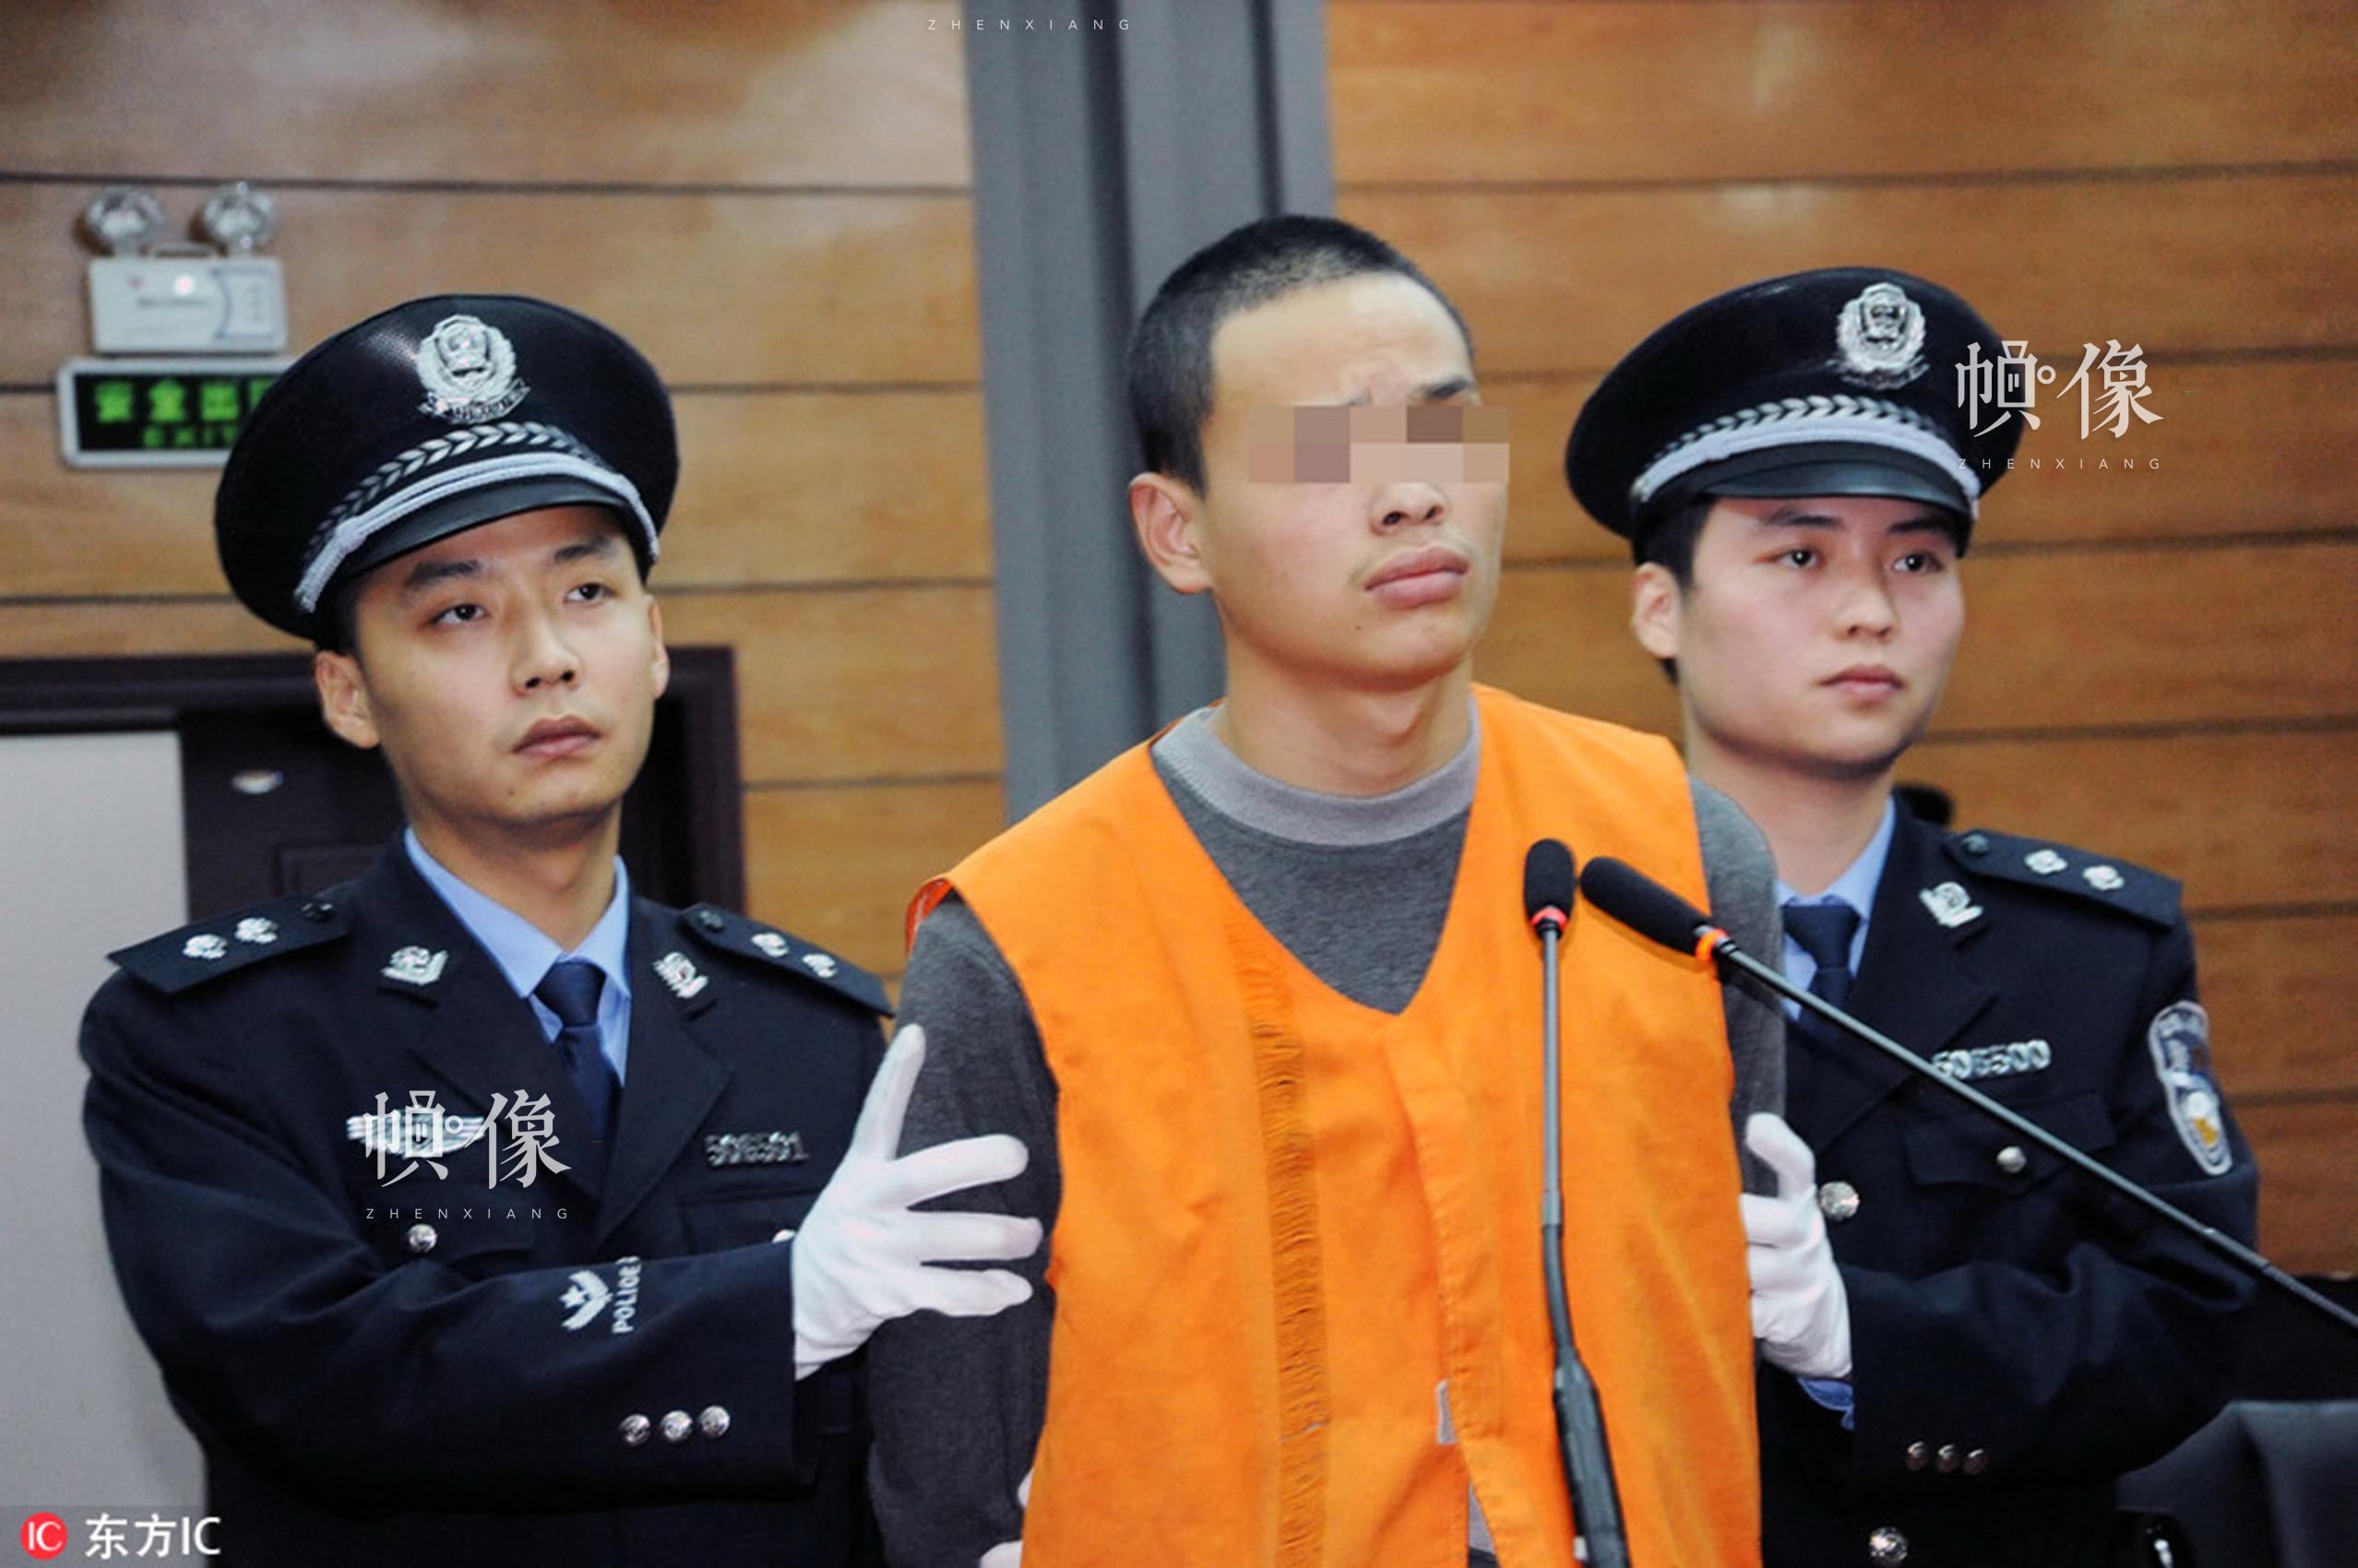 2013年11月6日,重庆市云阳县人民法院开庭审理一起猥亵儿童案,依法判处被告人朱祥勇有期徒刑4年。这是自最高法院、最高检察院、公安部、司法部《关于依法惩治性侵害未成年人犯罪的意见》发布后,该院依法从严惩处首例性侵未成年人案件。东方IC